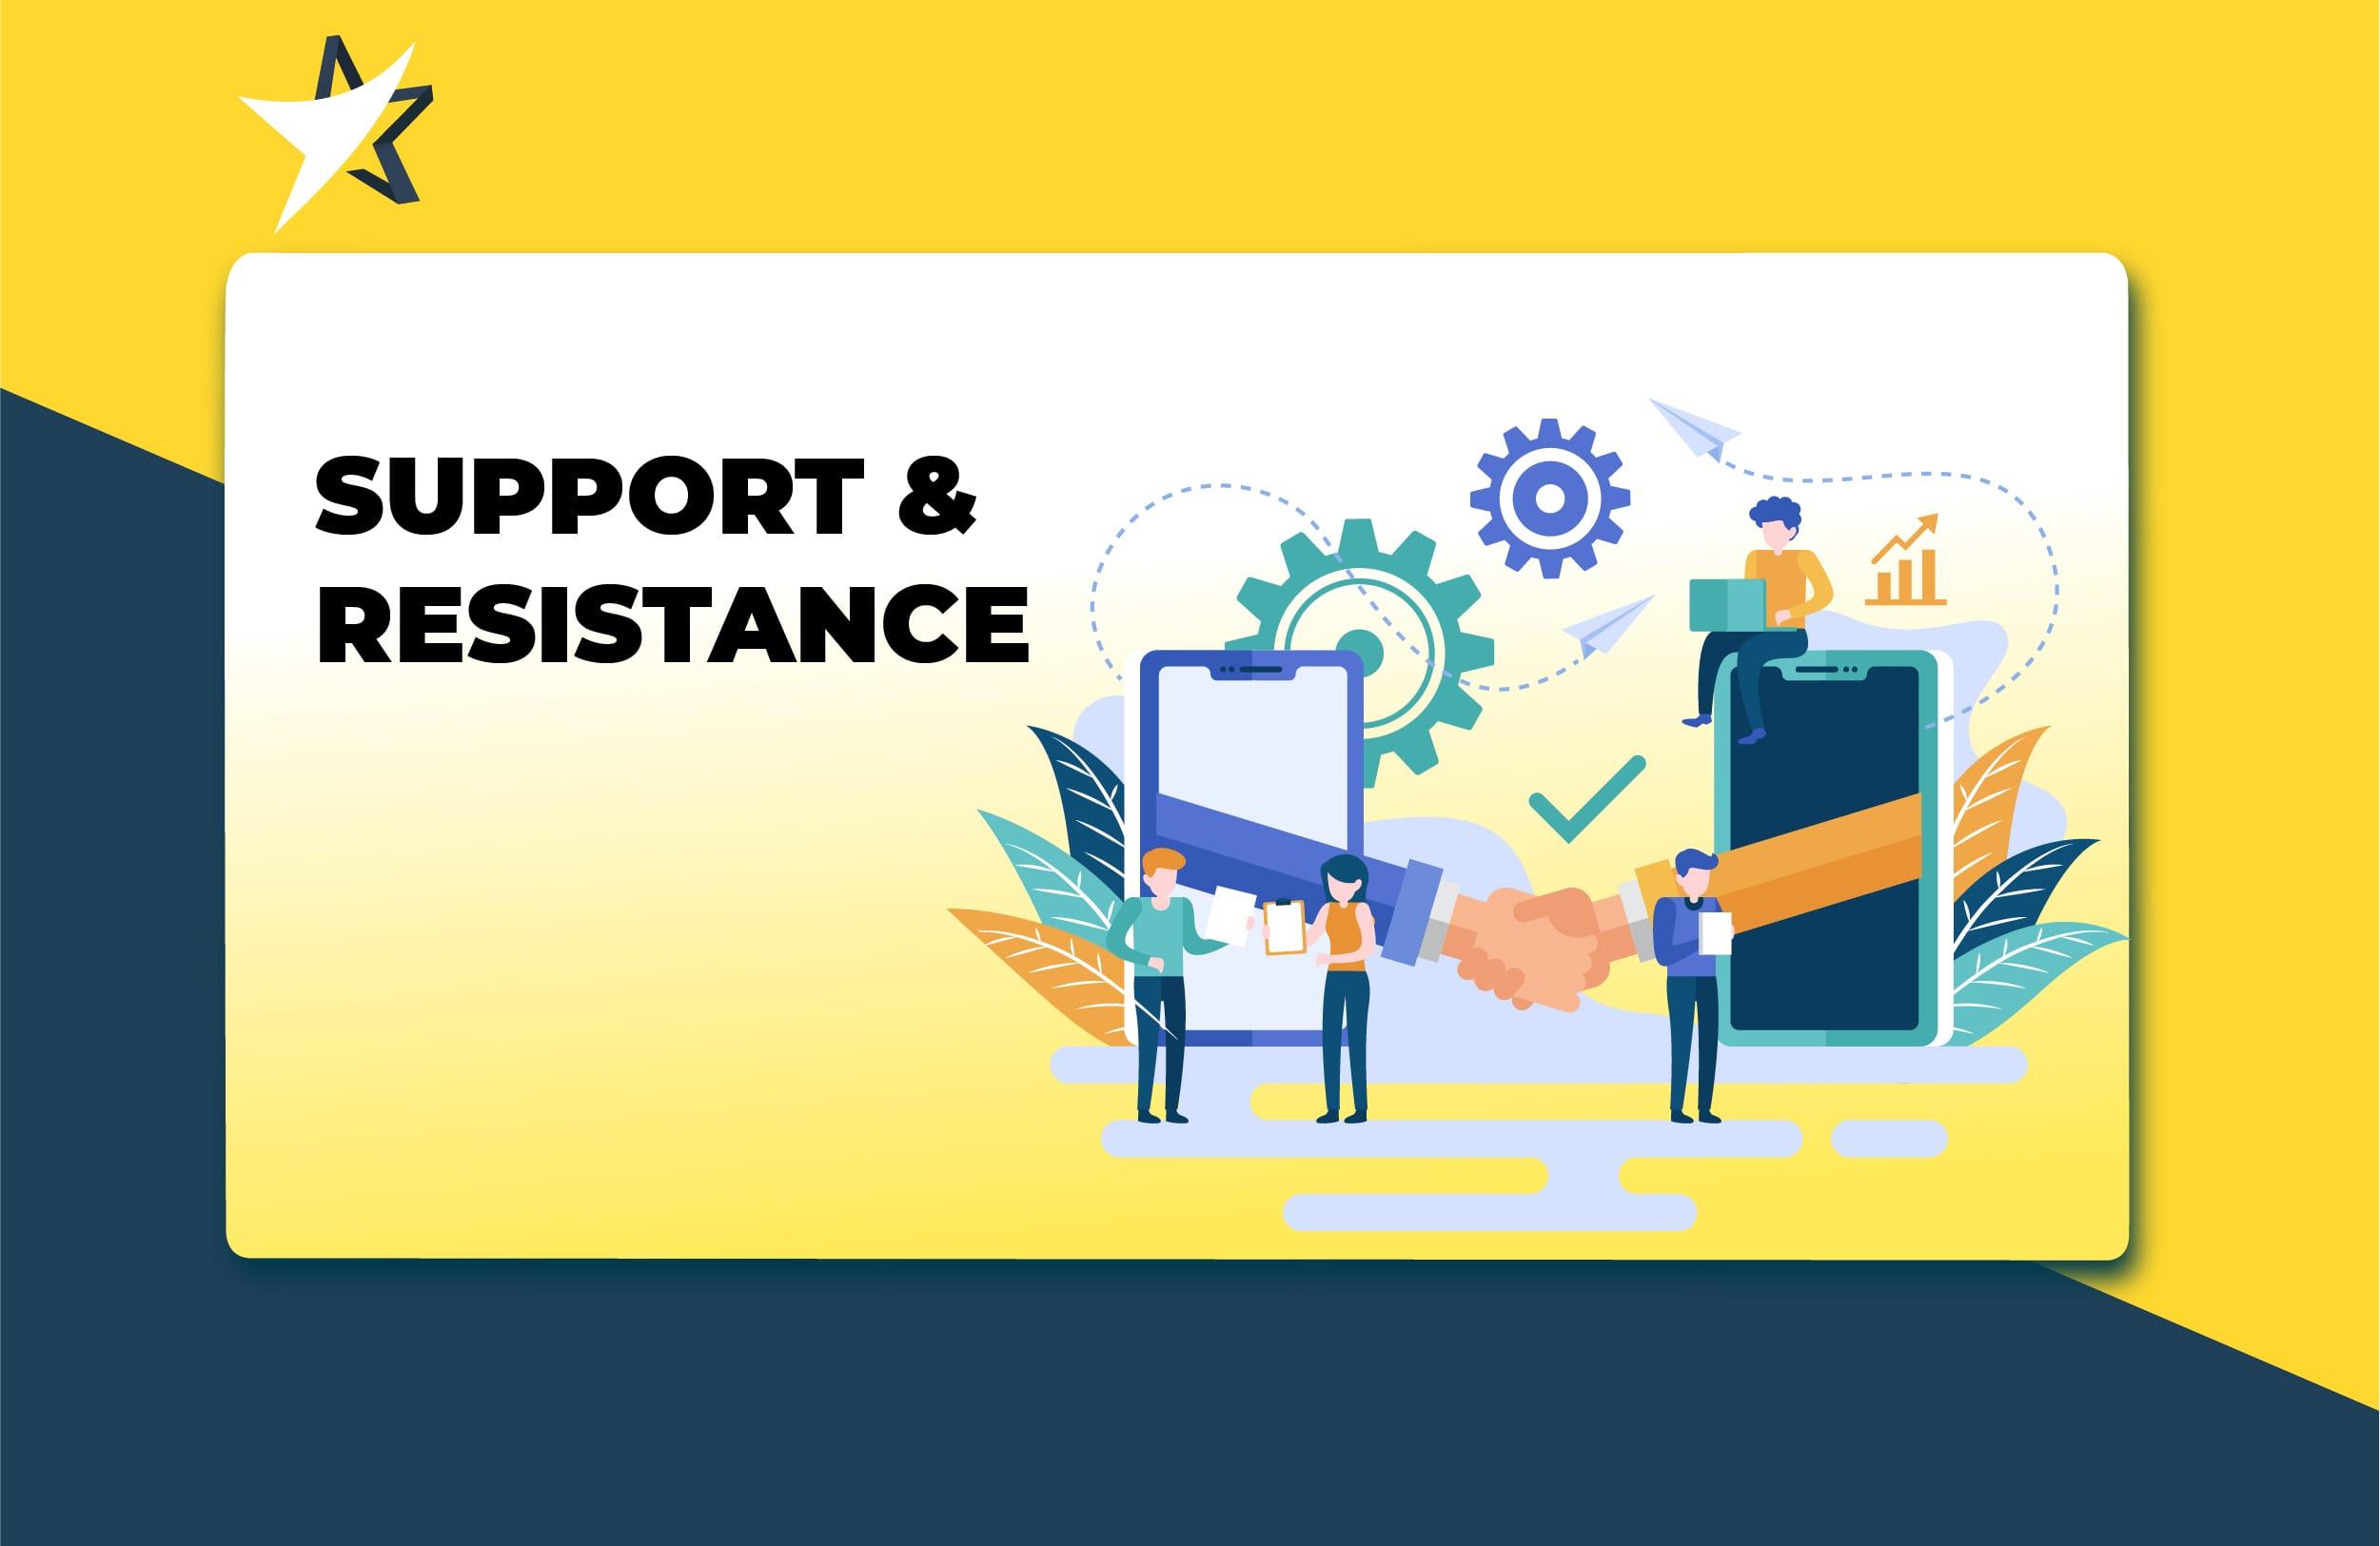 Hỗ trợ và kháng cự